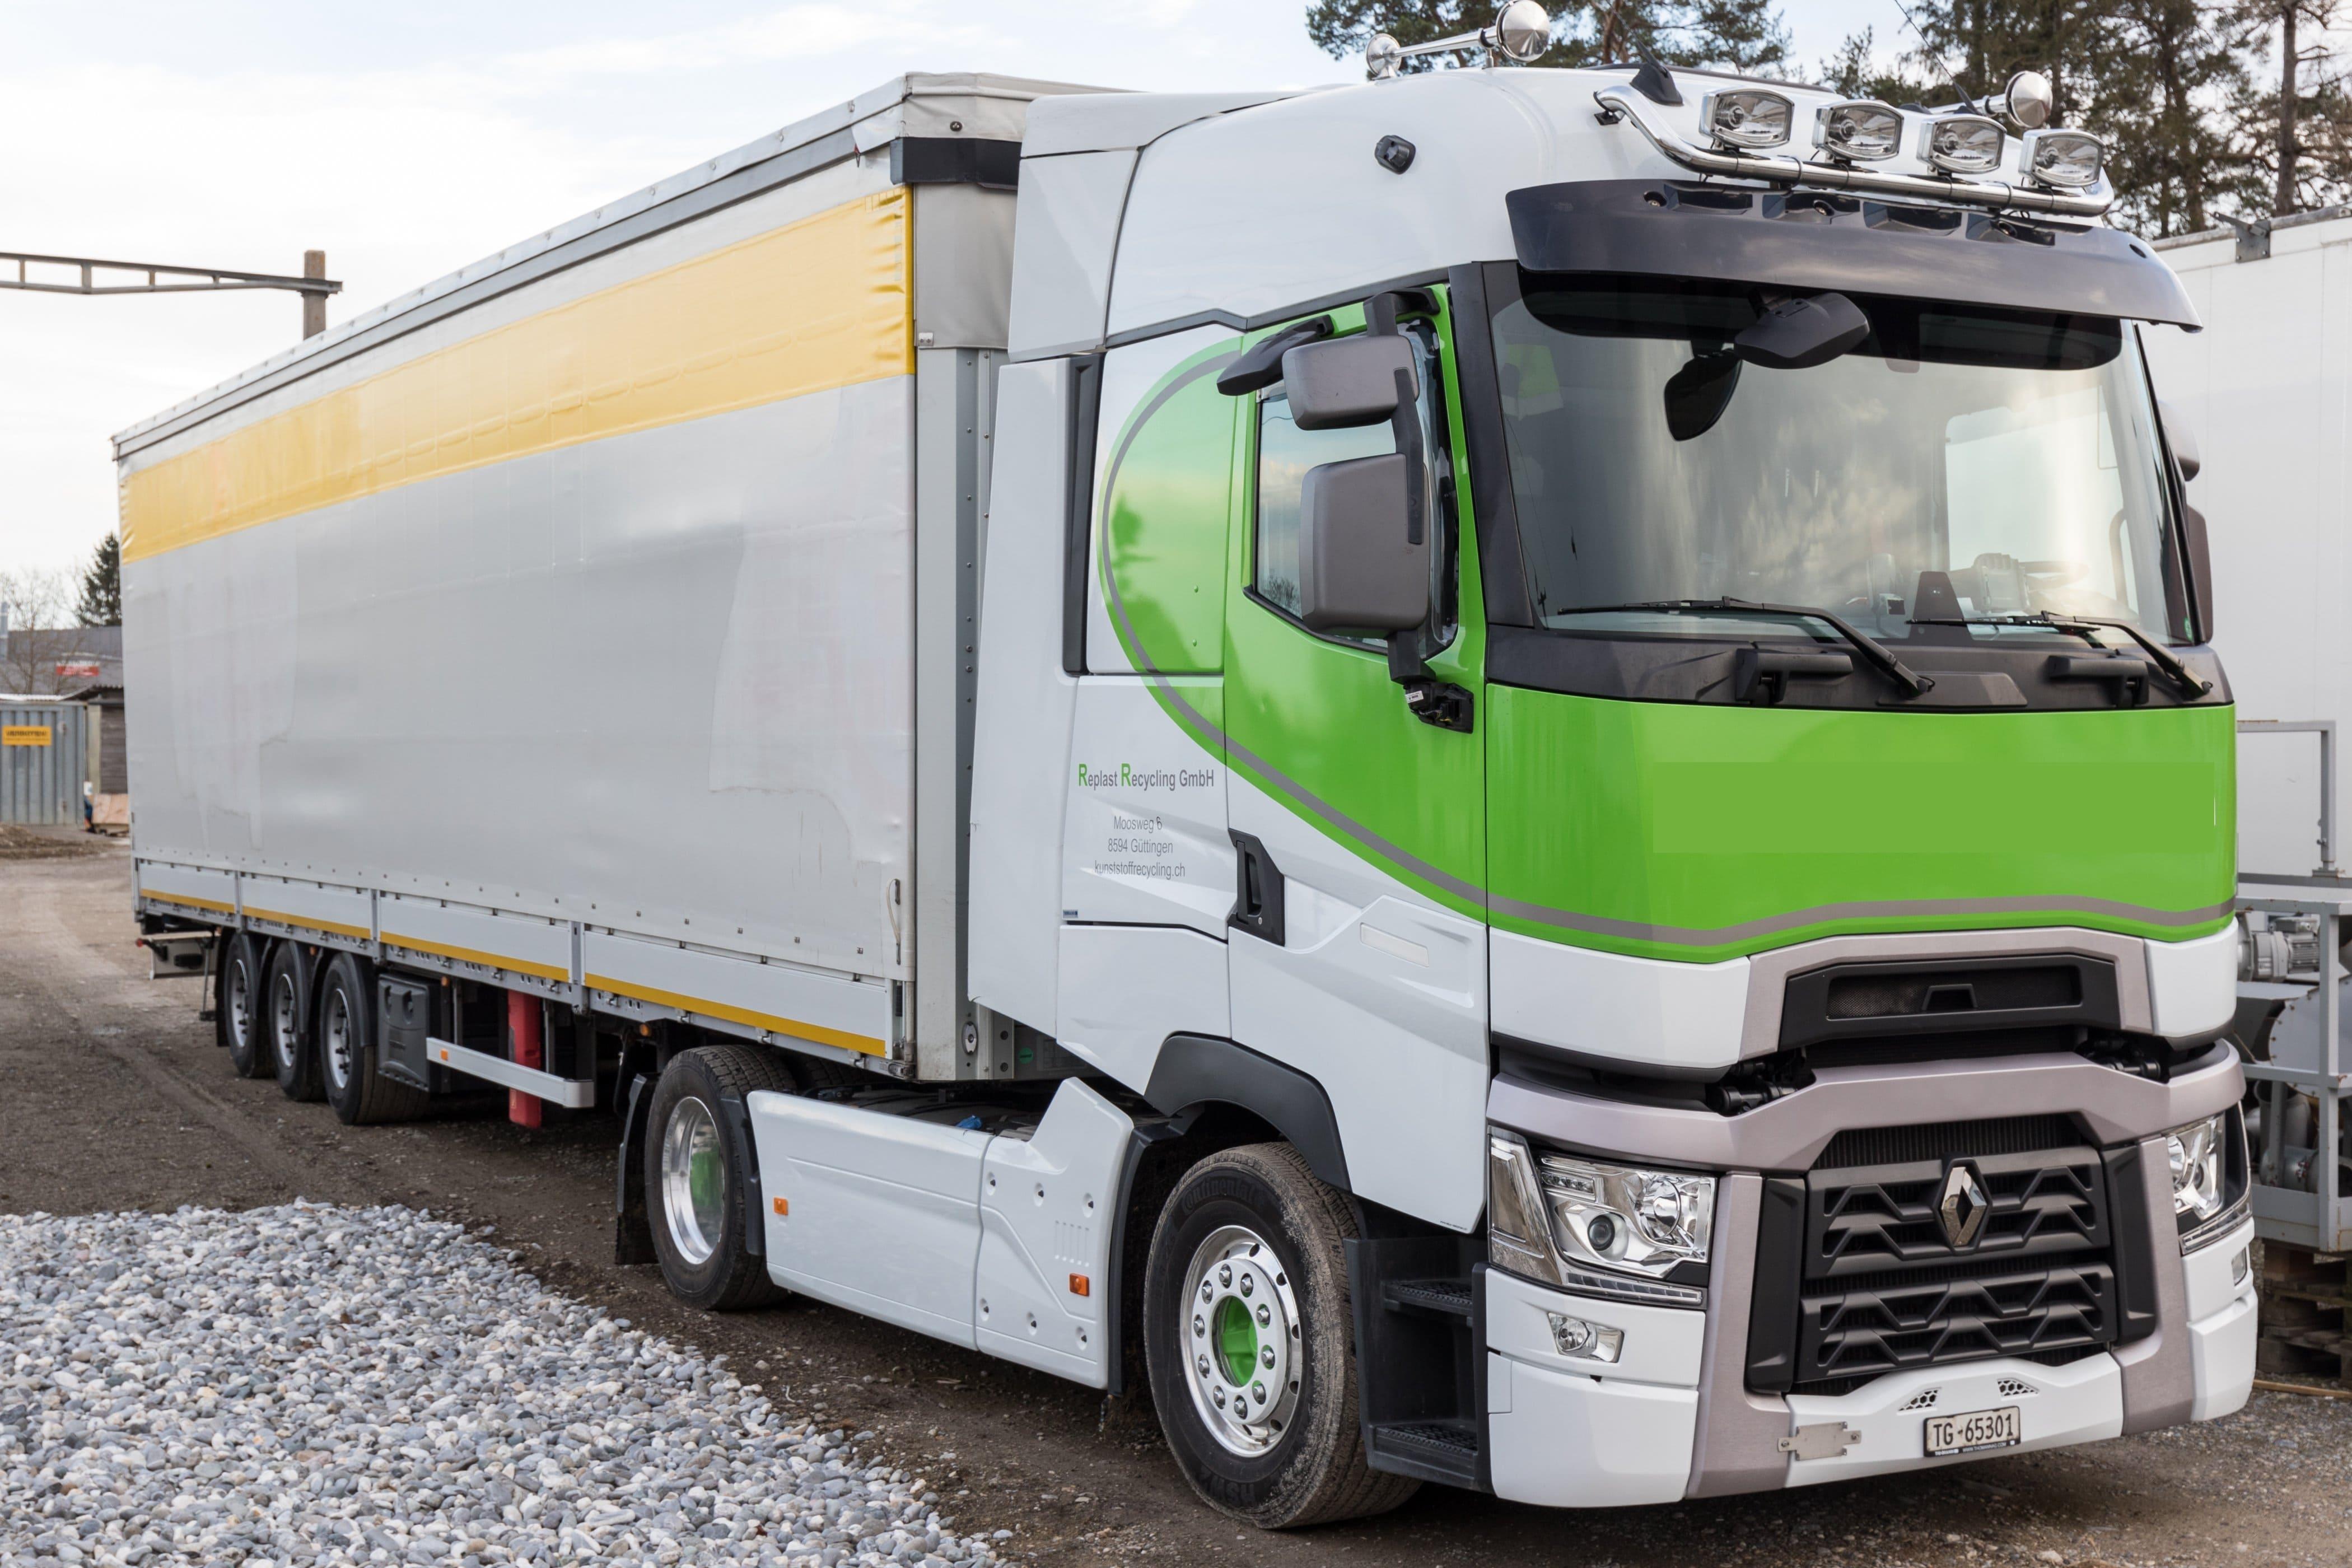 Ministerio de Transportes elimina las restricciones al transporte de mercancías por ser una actividad esencial